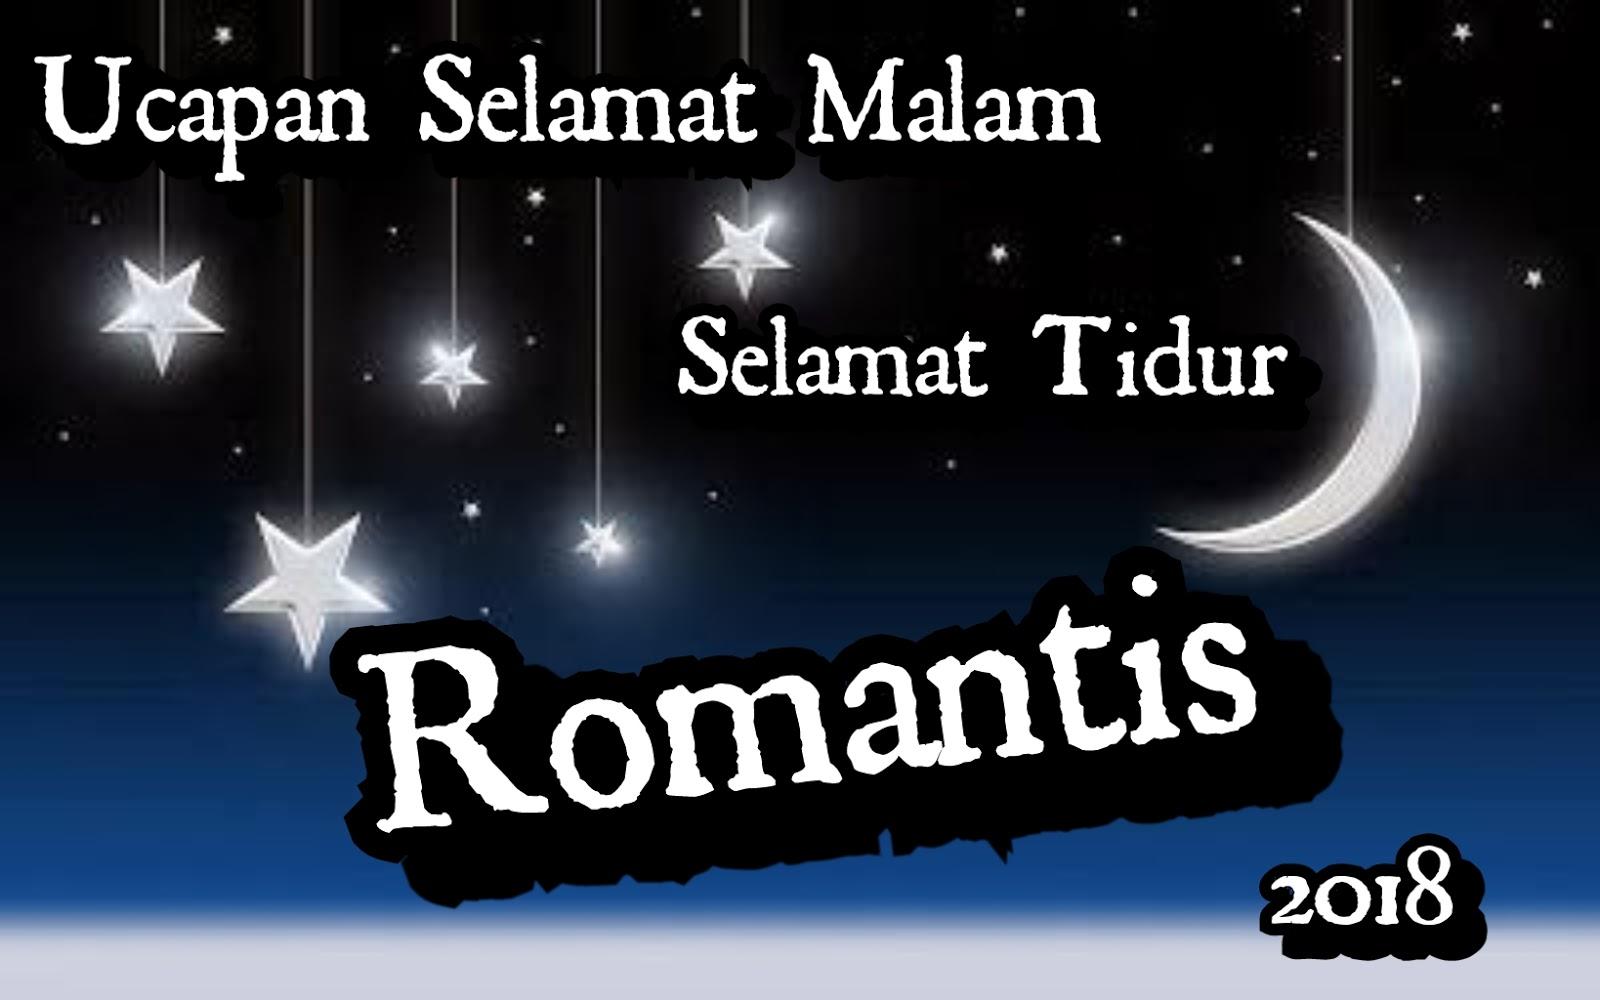 750 Koleksi Gambar Romantis Ucapan Selamat Malam Gratis